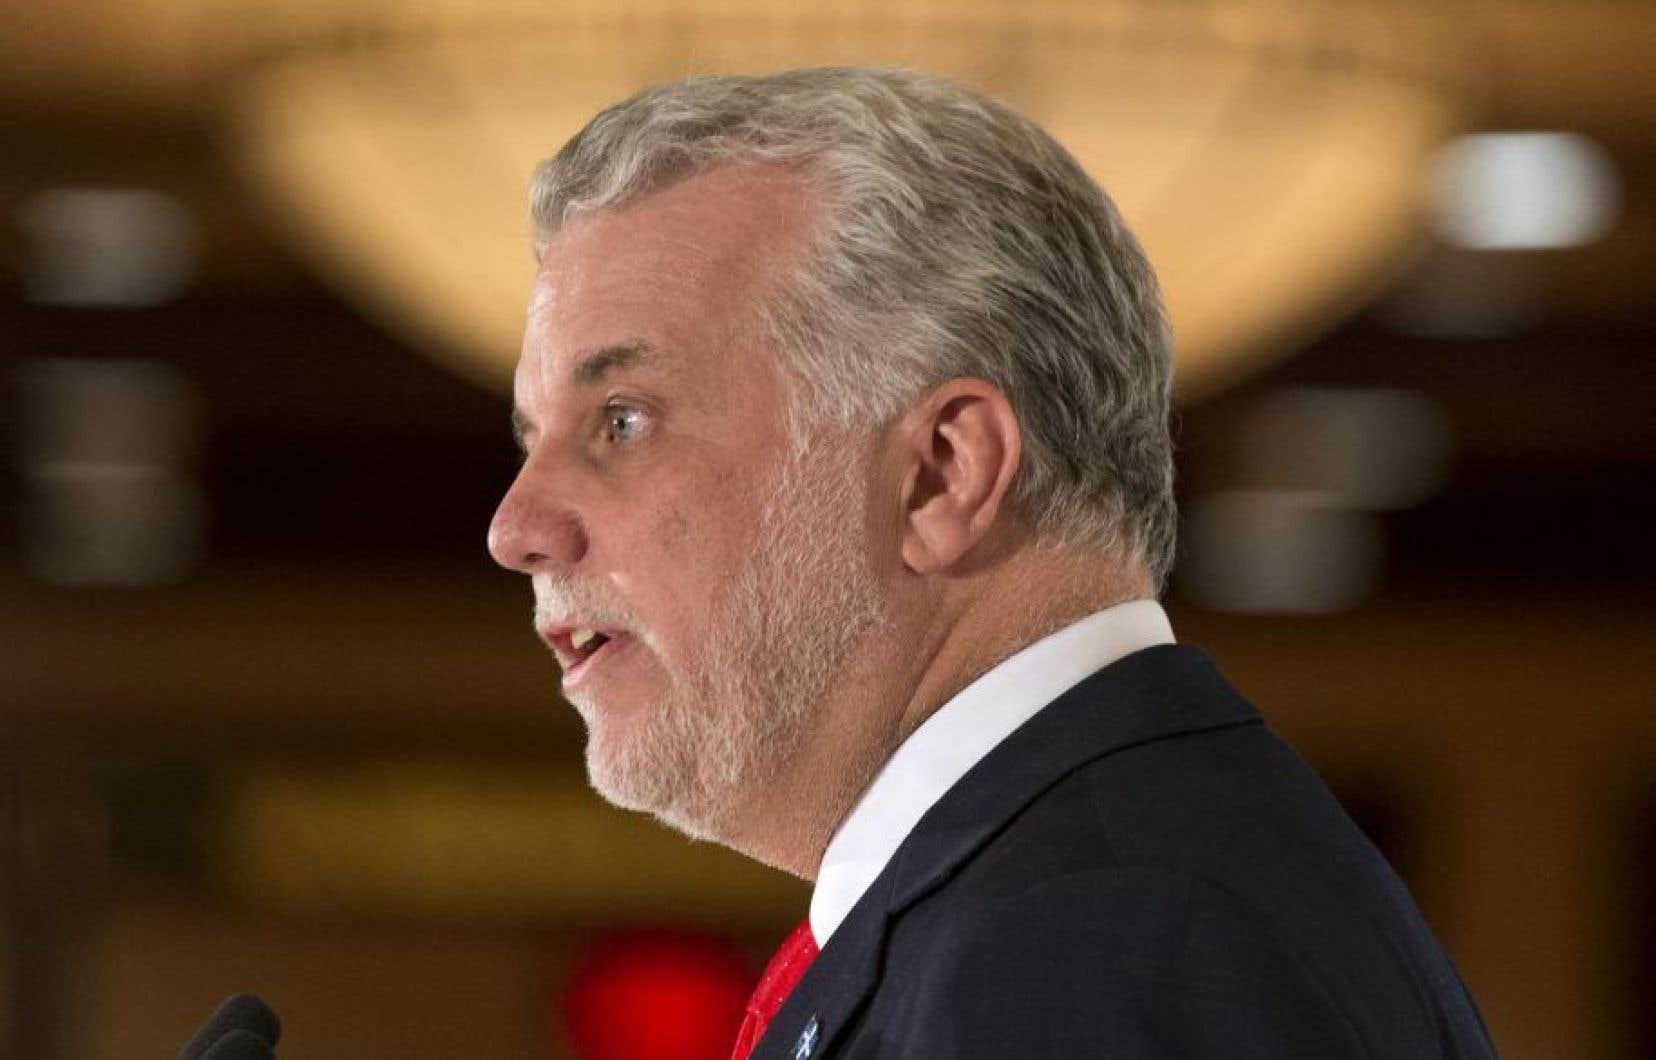 La FAE soutient qu'en utilisant le prétexte de l'assainissement des finances publiques, le premier ministre Philippe Couillard a plongé le Québec dans l'austérité, avec comme seul objectif de démanteler l'État québécois.